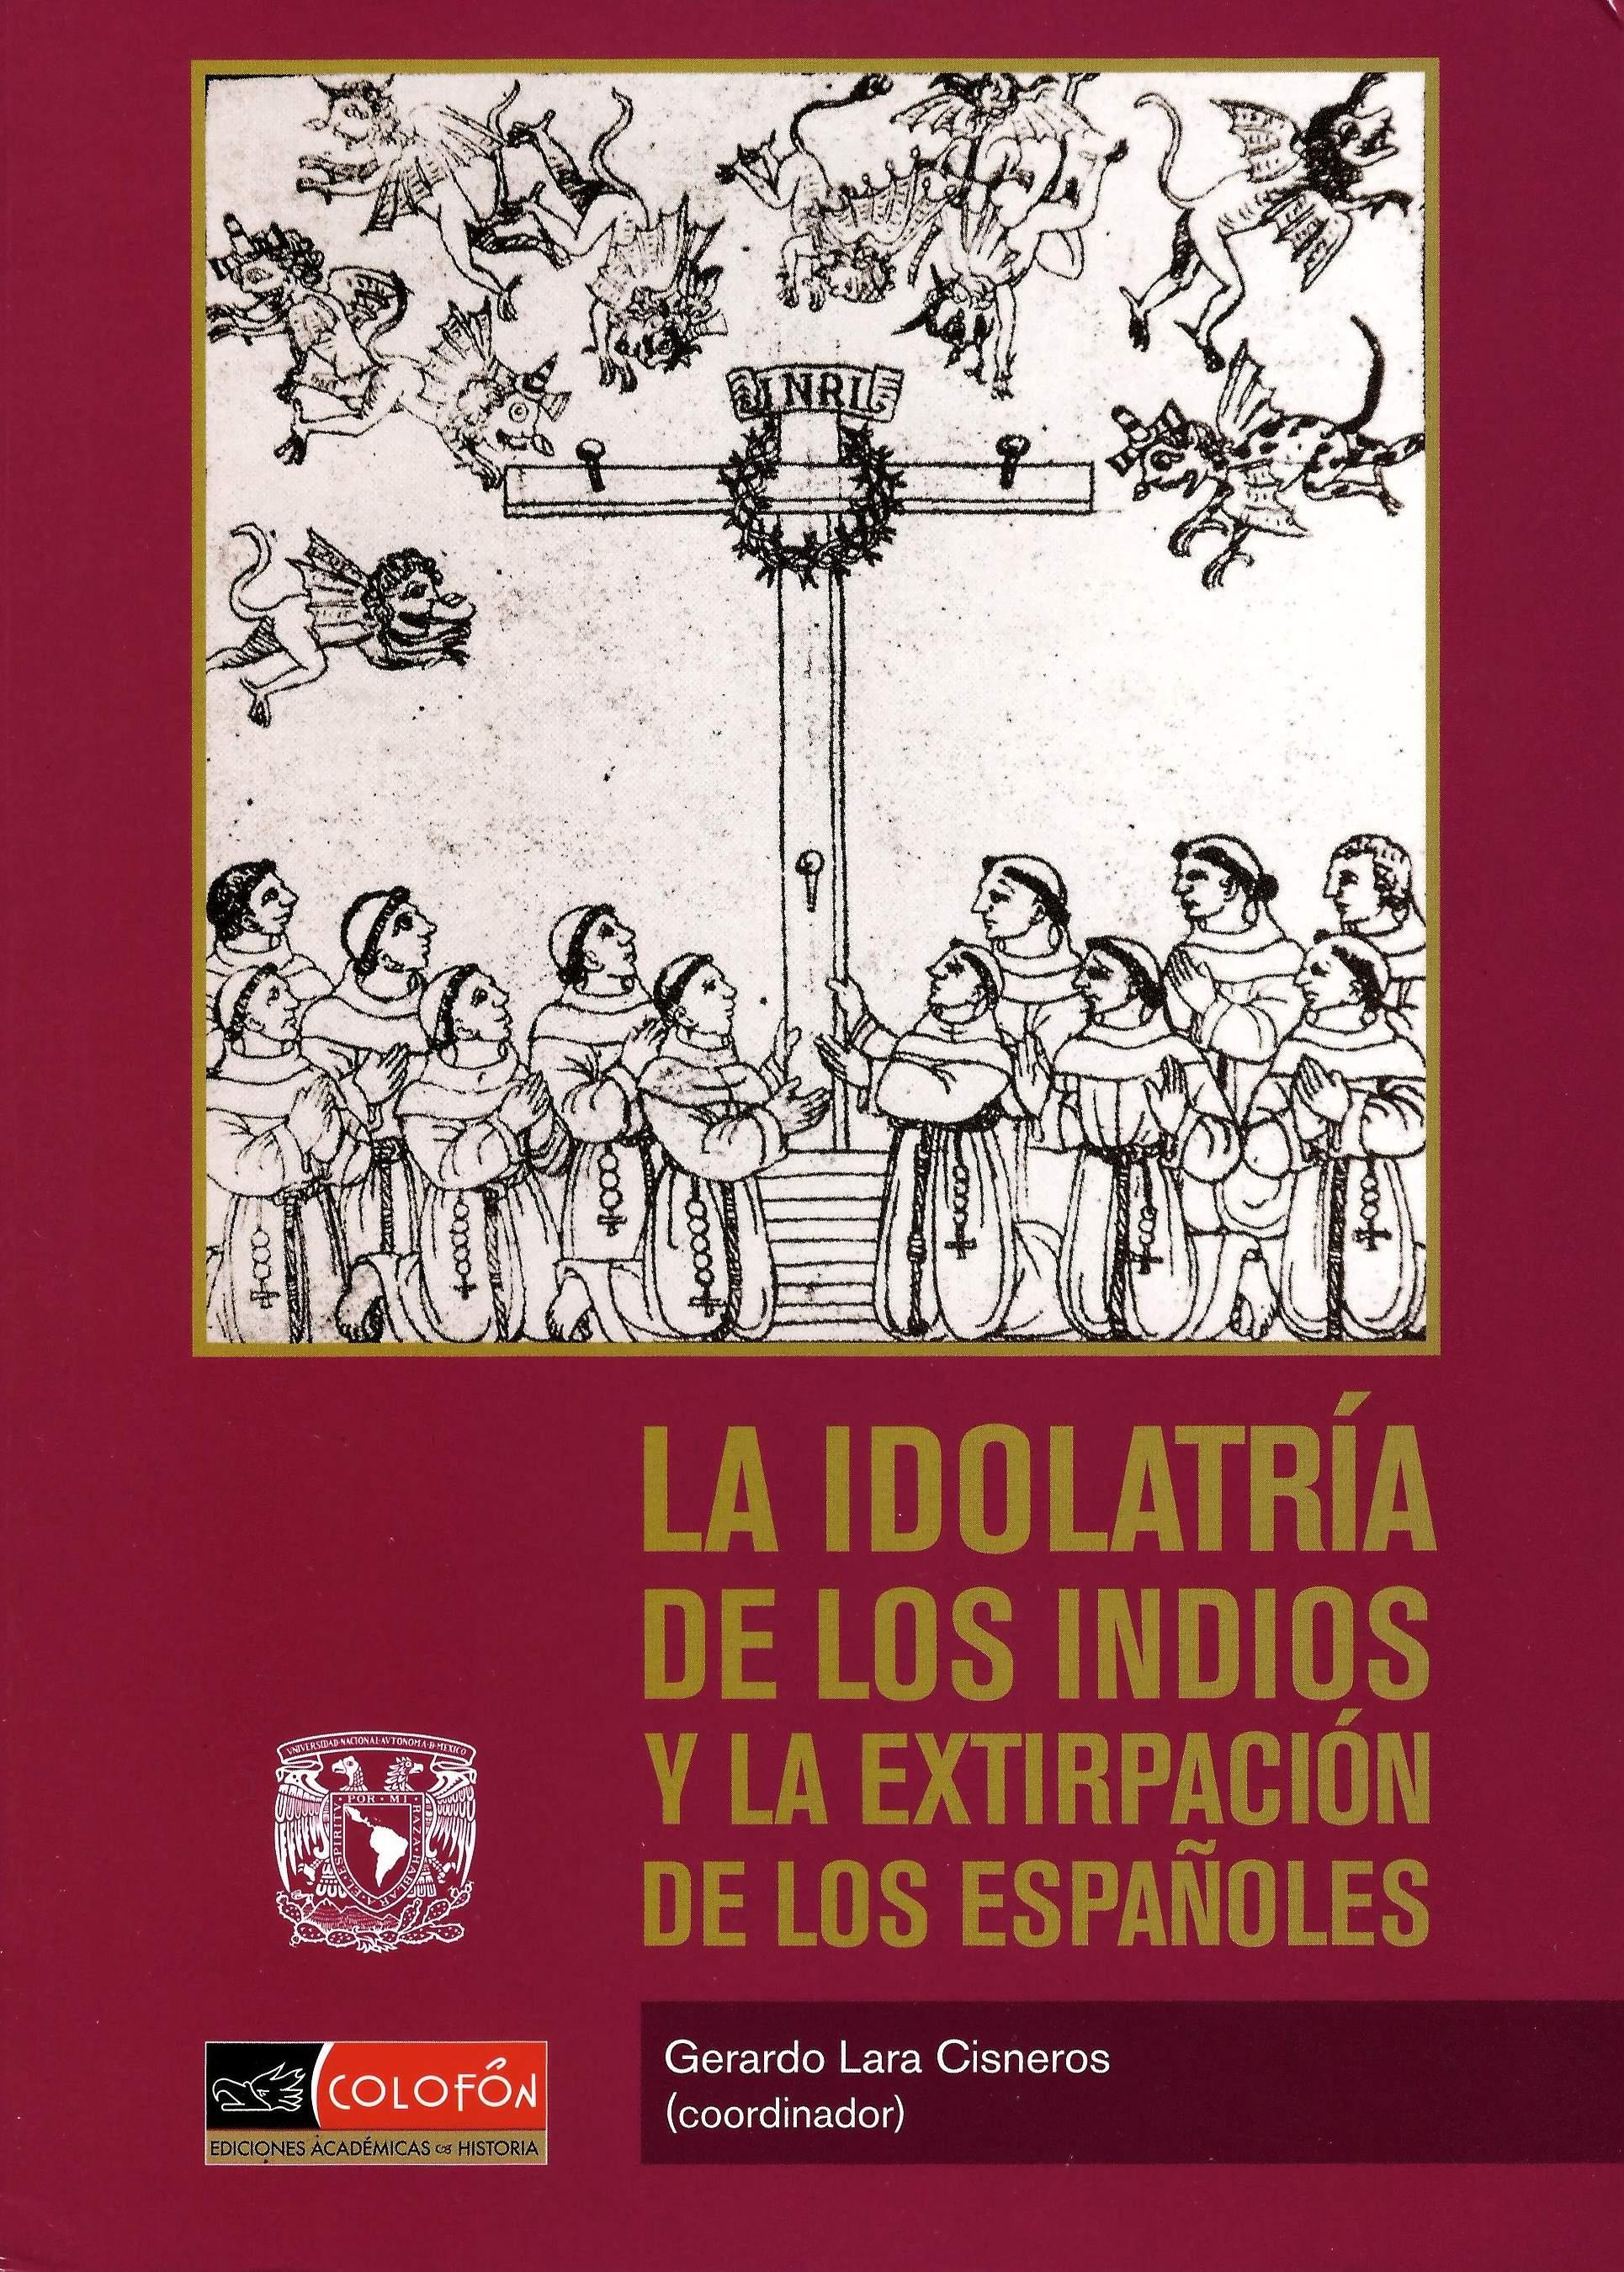 La idolatría de los indios y la extirpación de los españoles: Religiones nativas y régimen colonial